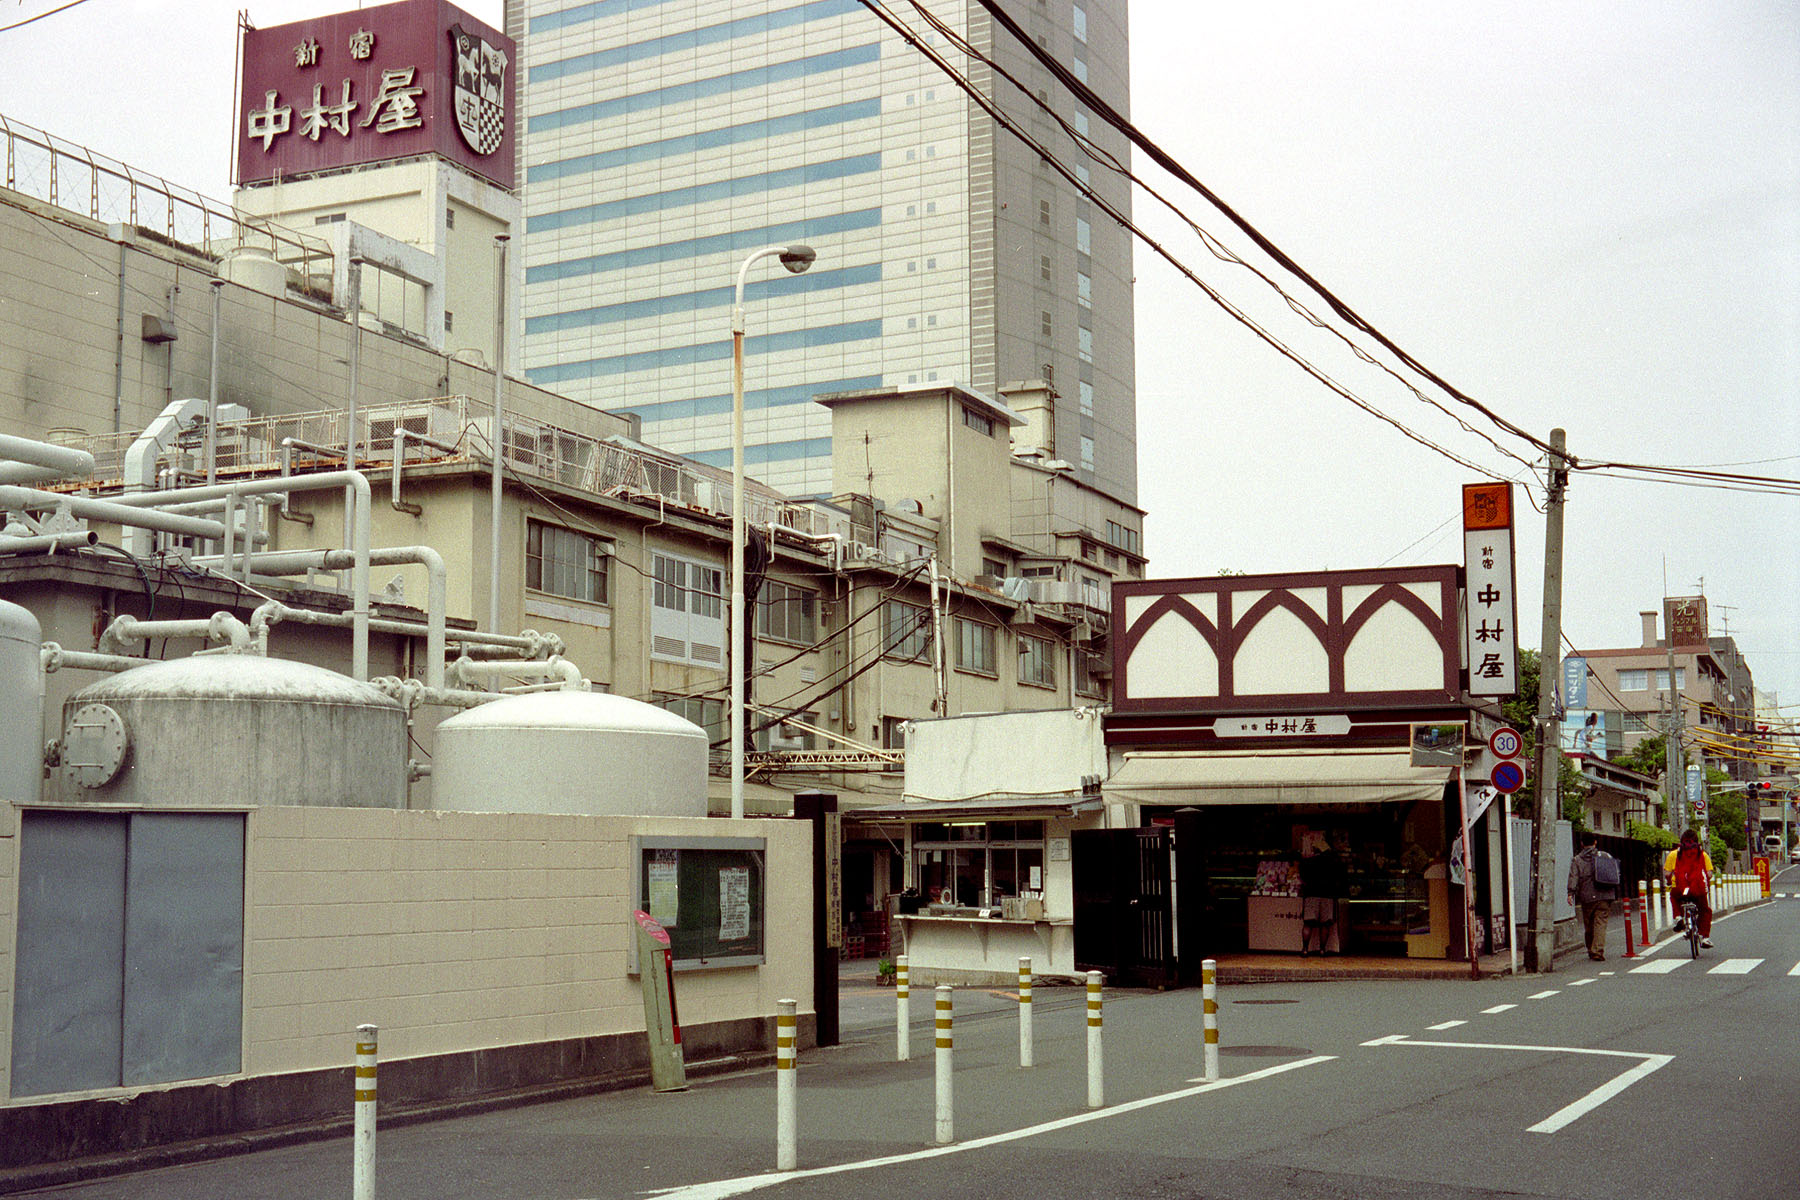 005 新宿中村屋東京工場 渋谷区笹塚1-50-9 20050508(05.33.22)